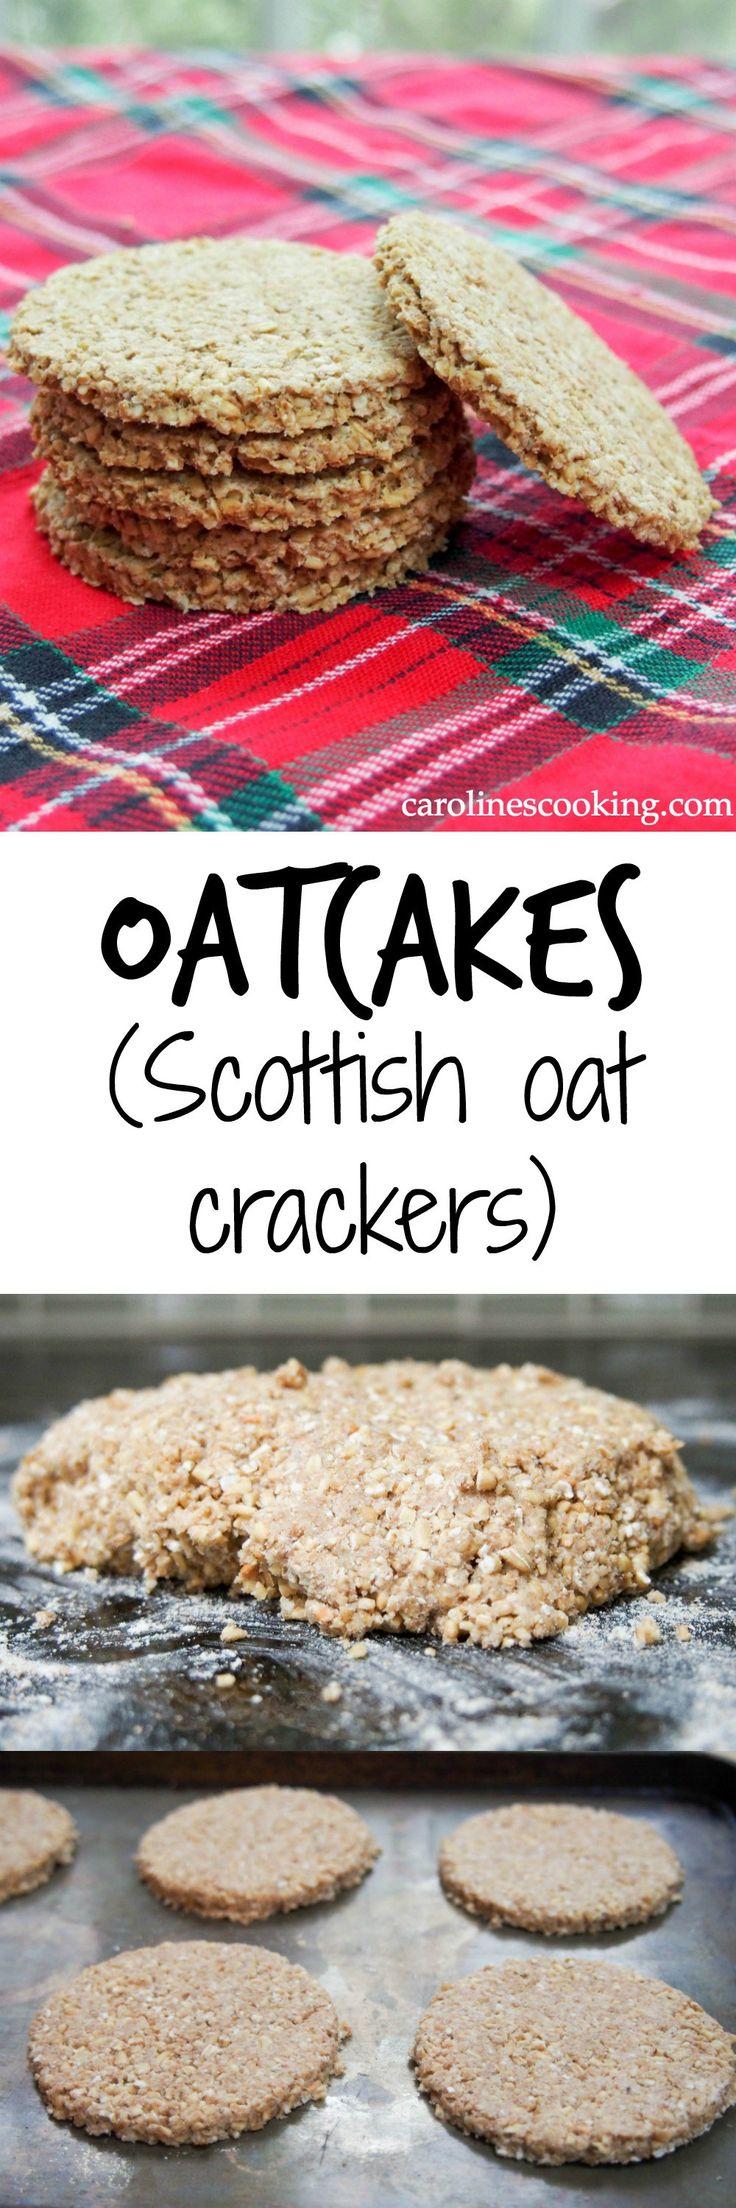 oatcakes (Scottish oat crackers)